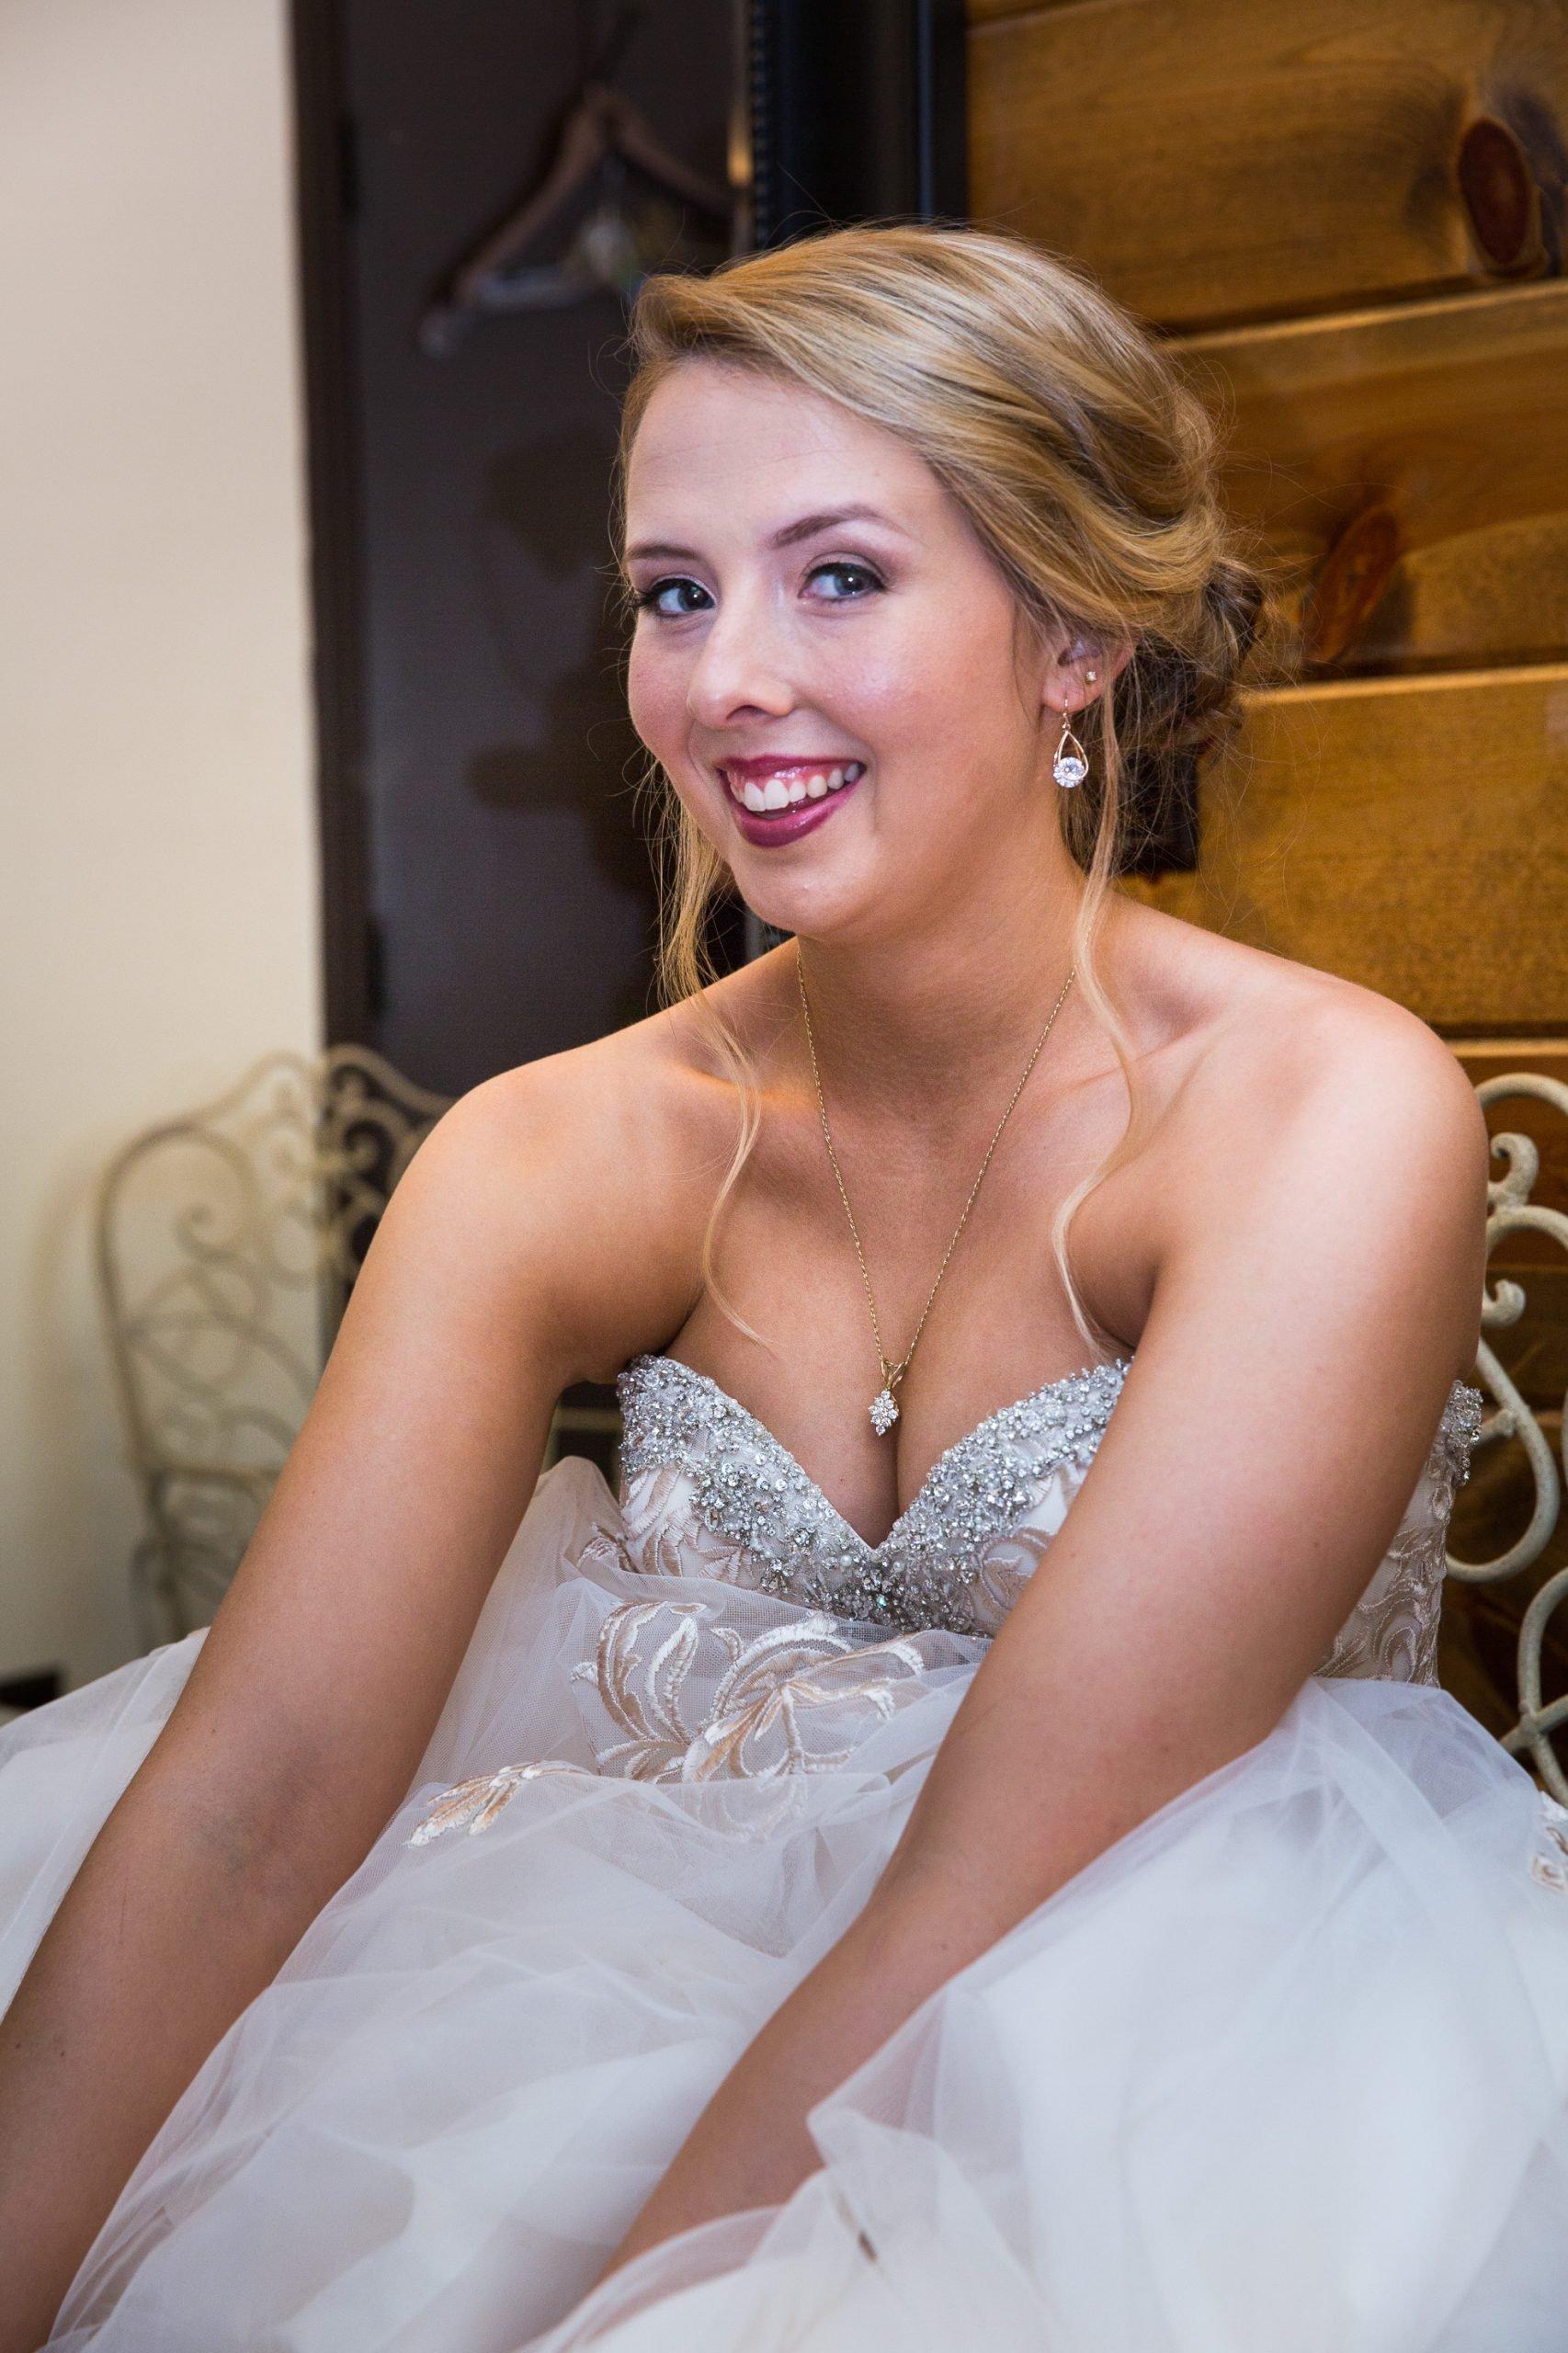 Mackenzie grinning in her dress